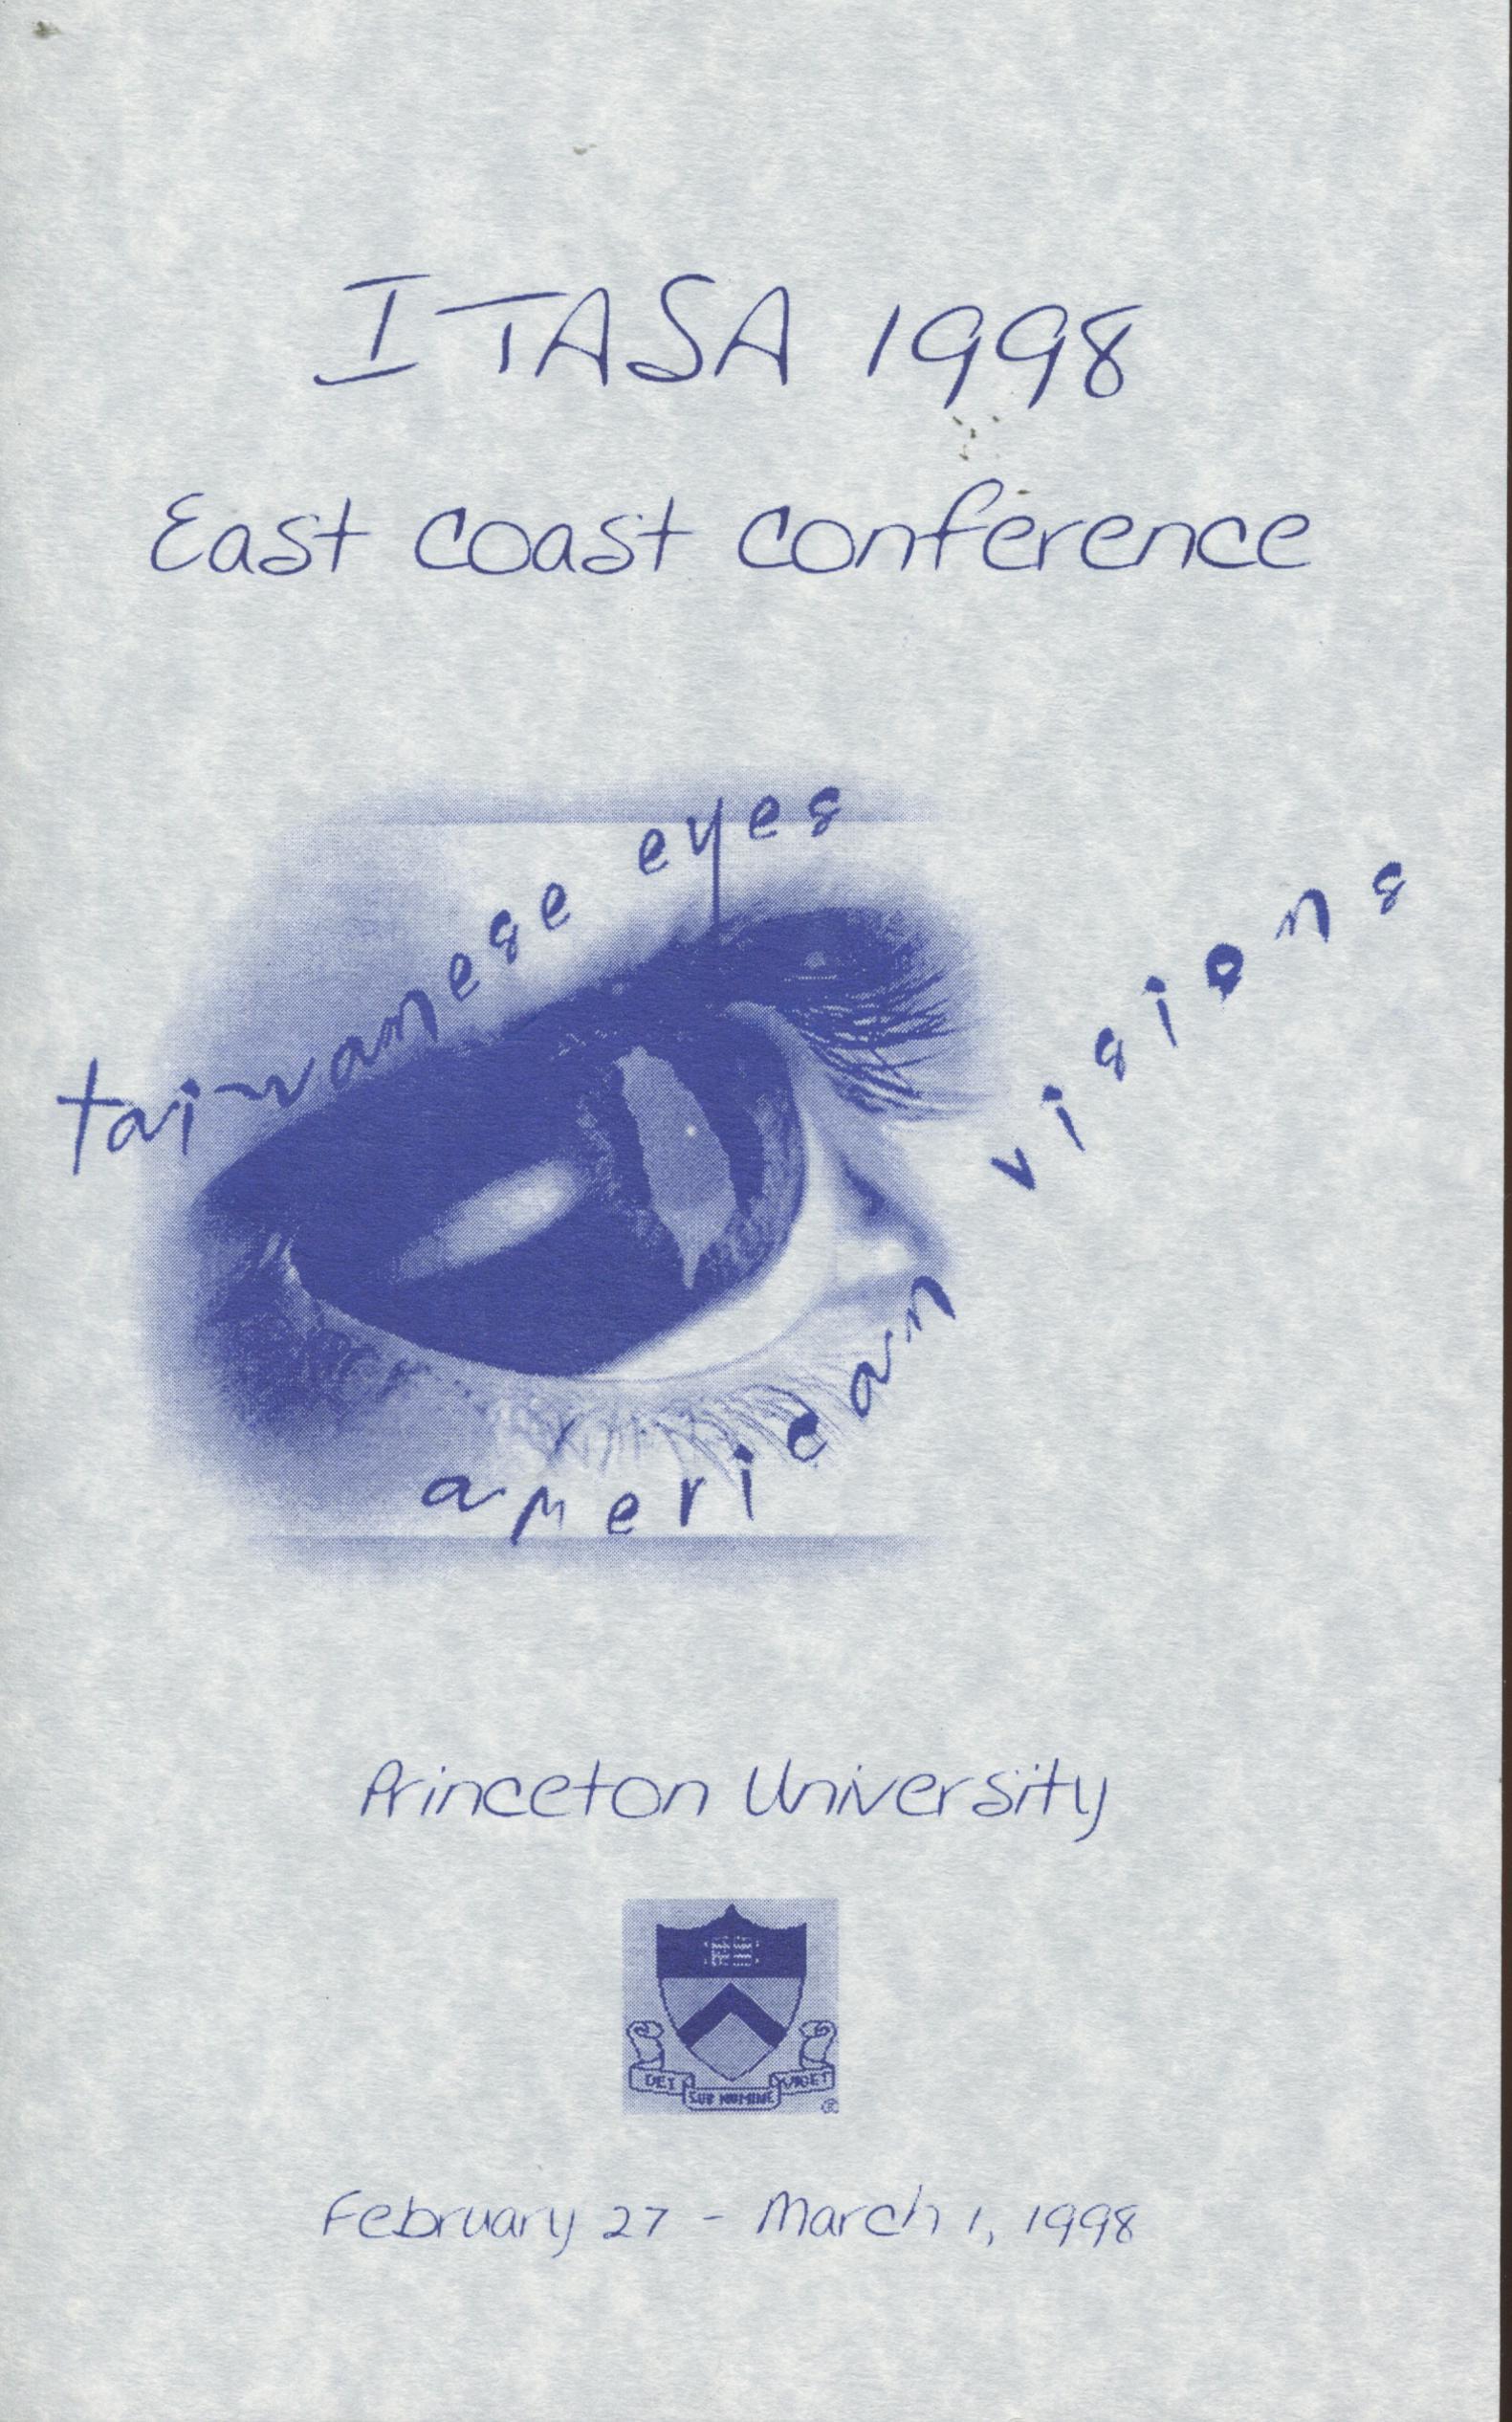 423. 台美大學生跨校際協會1998手冊/Princeton University/1998/02/Magazines/雜誌